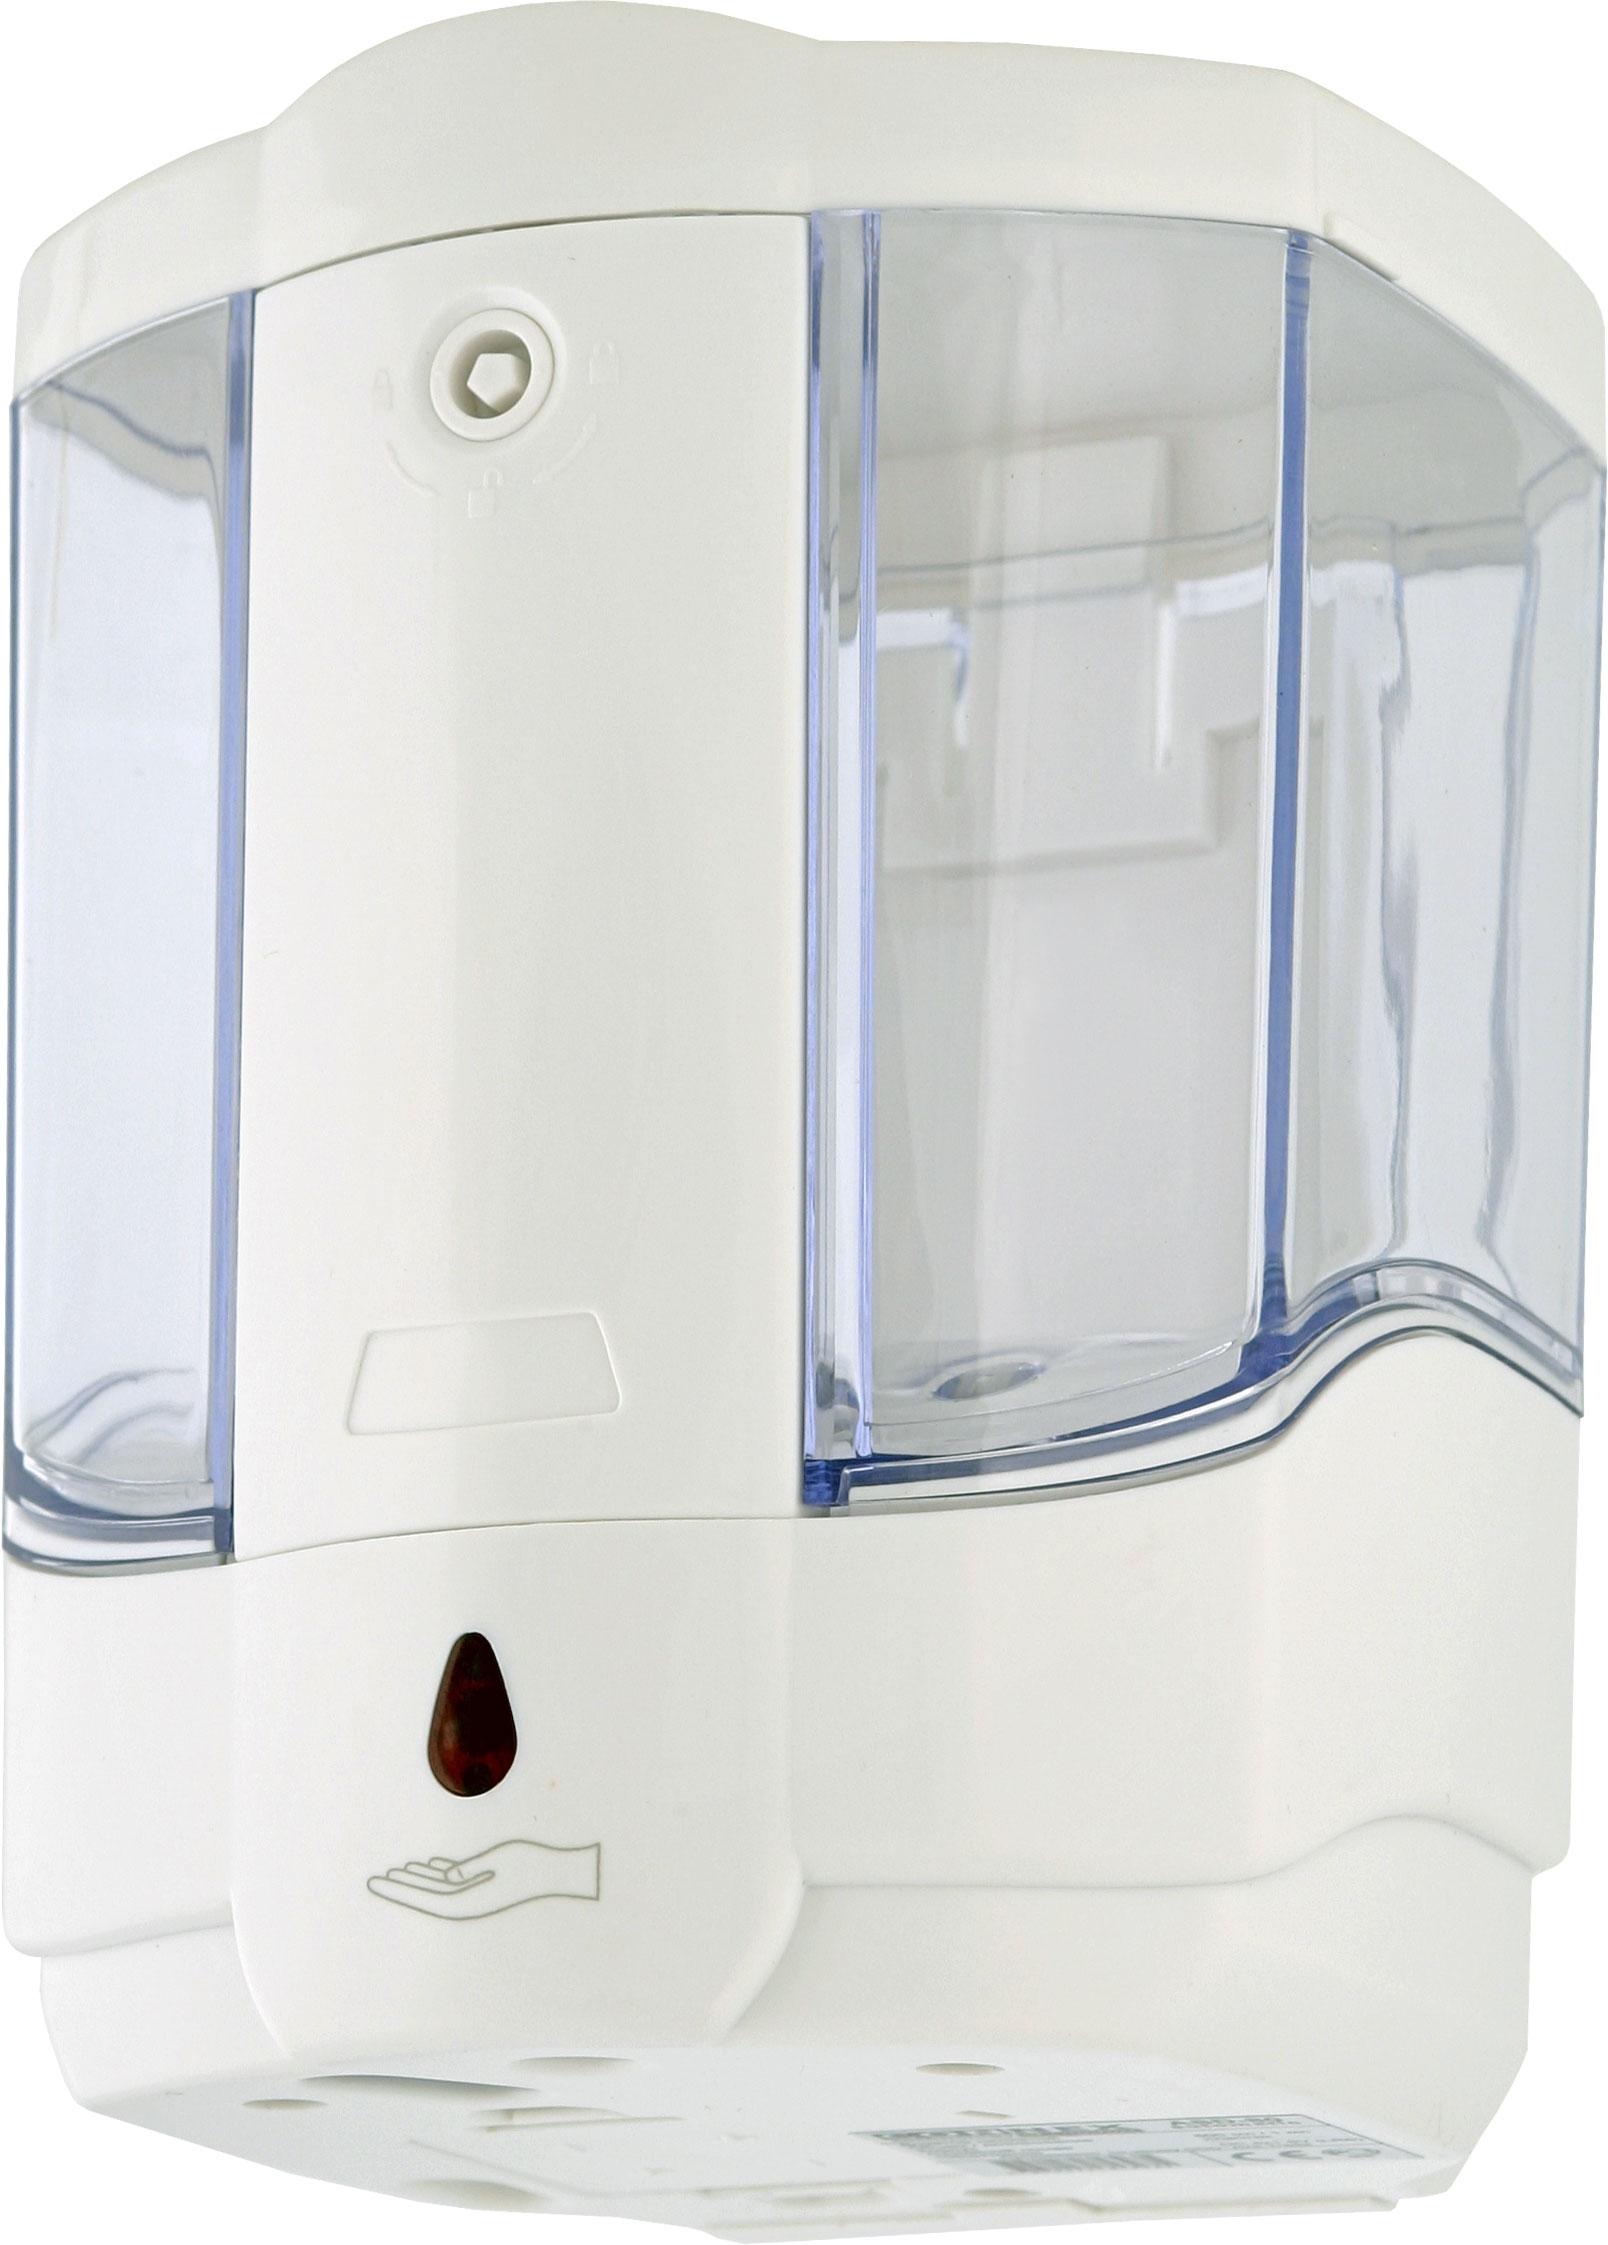 Дозатор для жидкого мыла Connex Asd-80